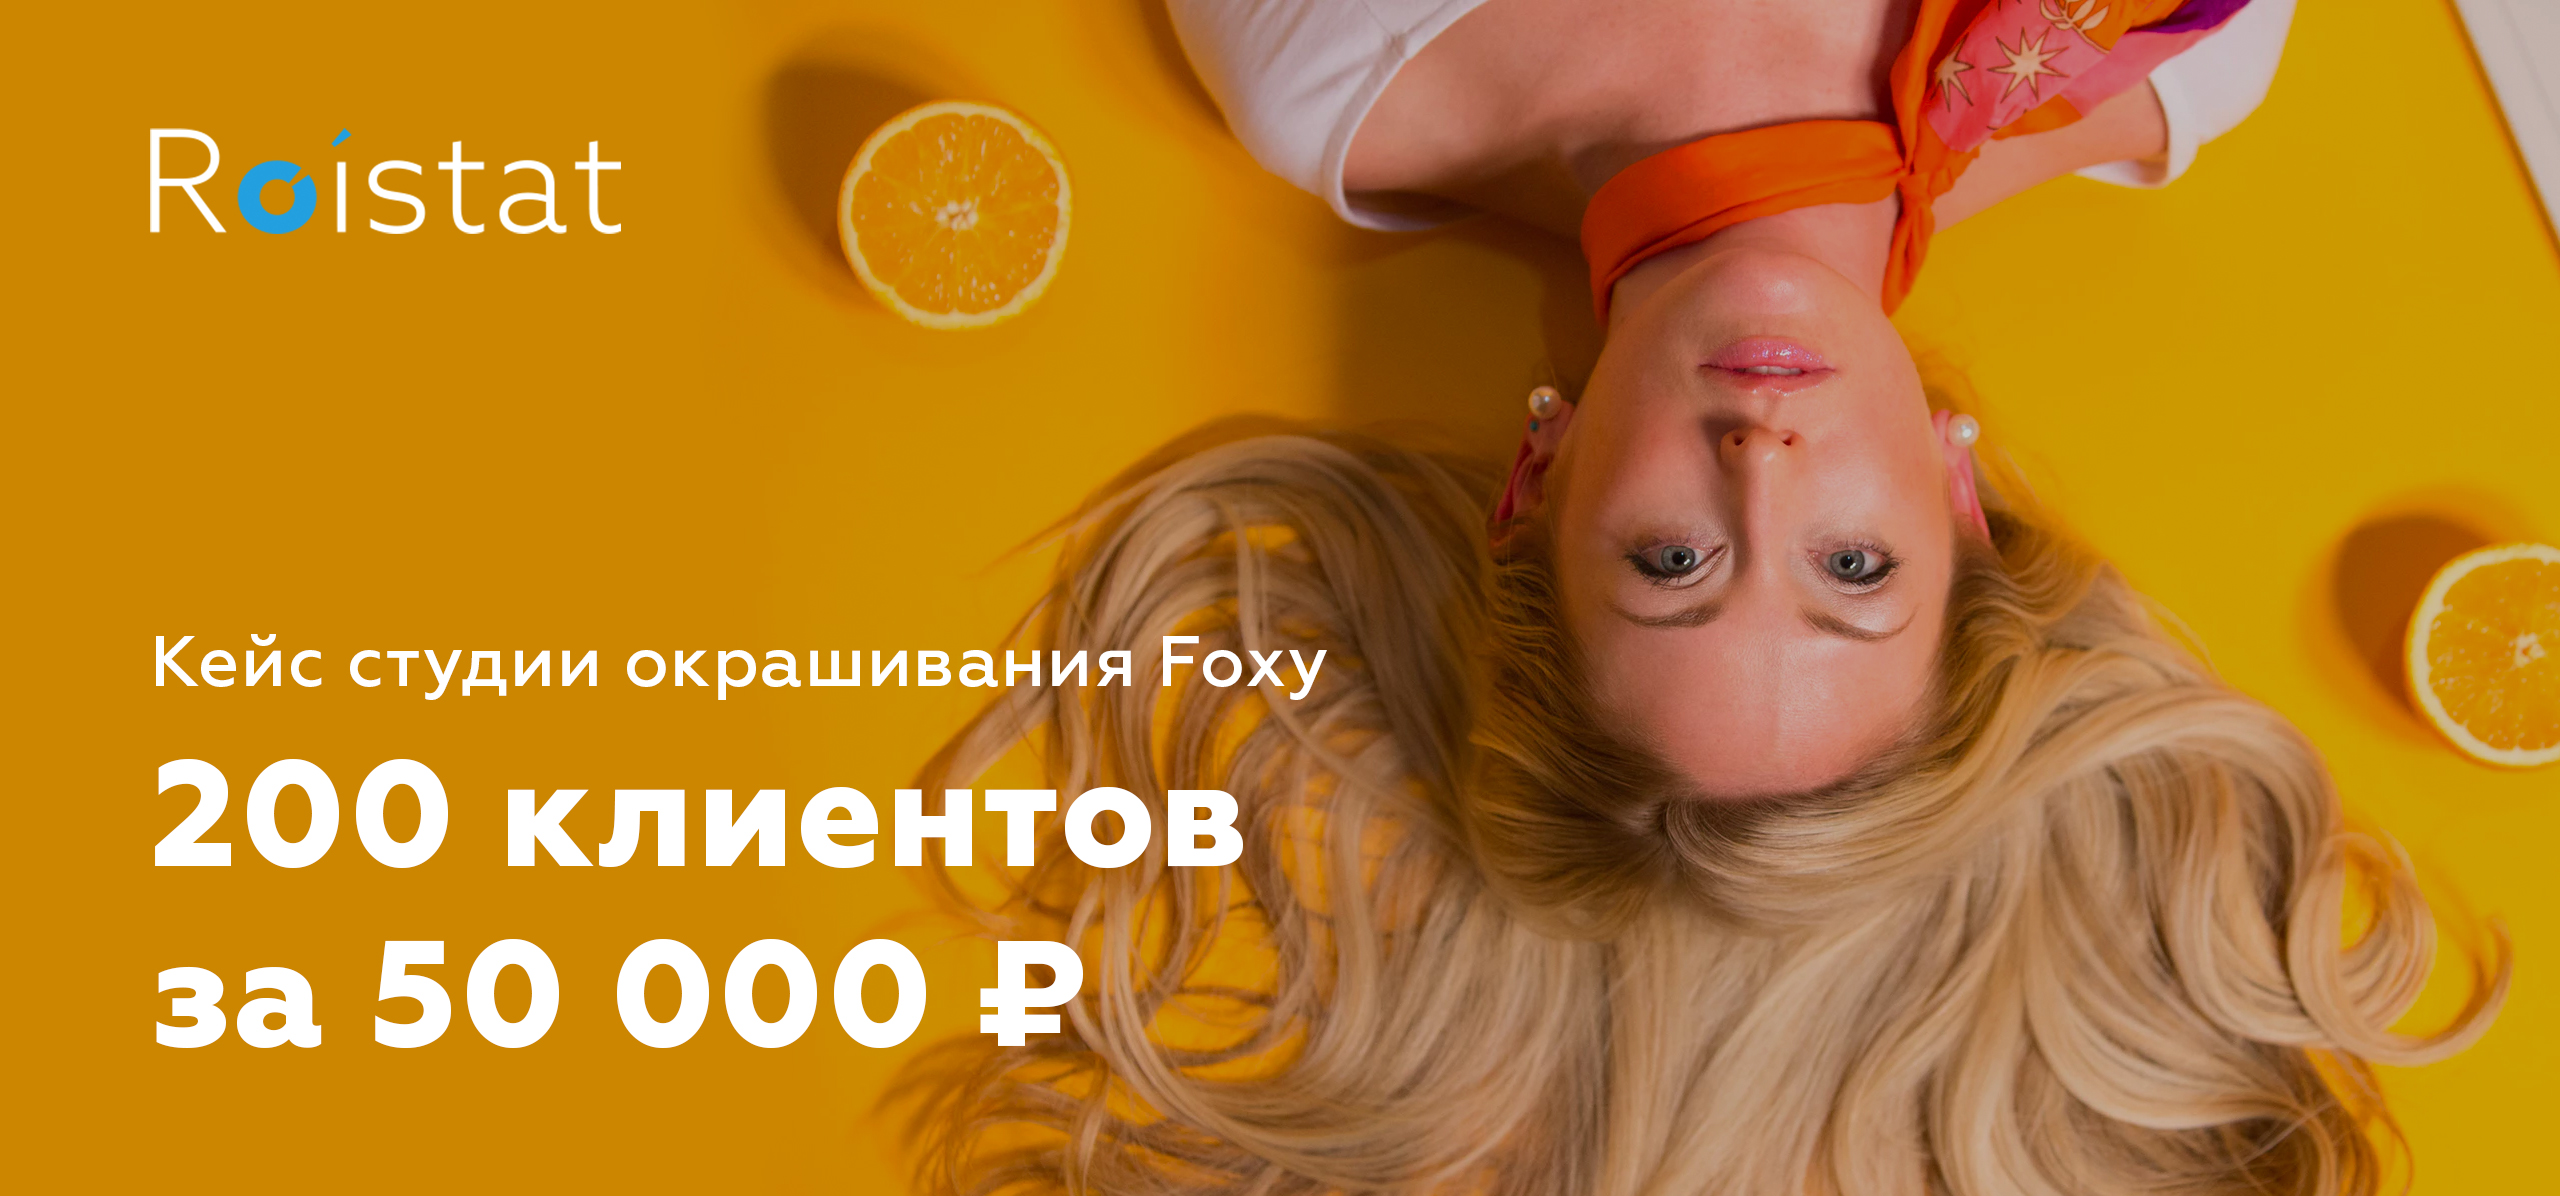 Кейс студии окрашивания Foxy: 200 клиентов за 50000 рублей